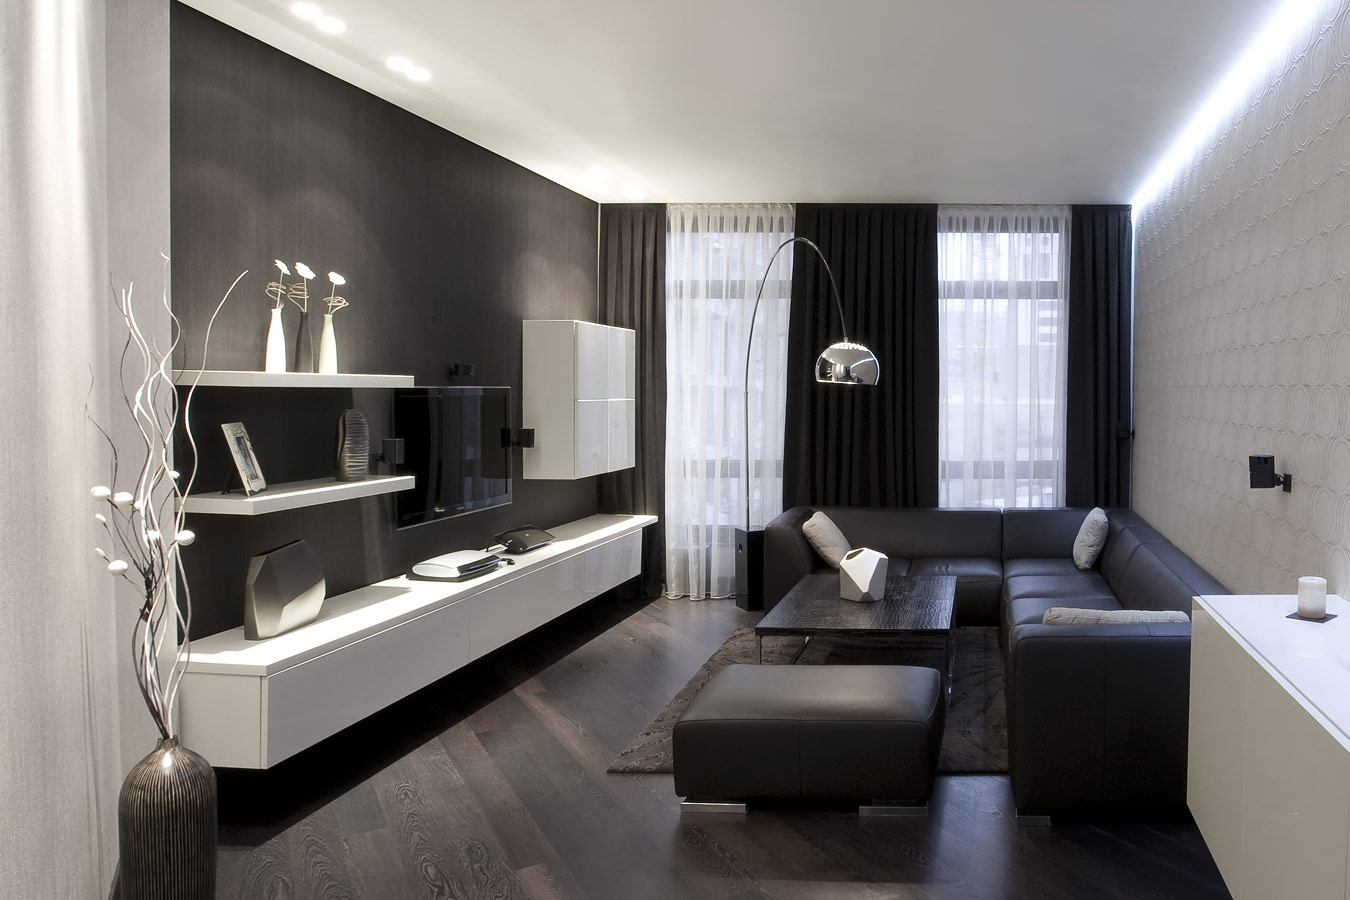 Tv meubel op maat kopen tips inspiratie - Tv hoek meubels ...